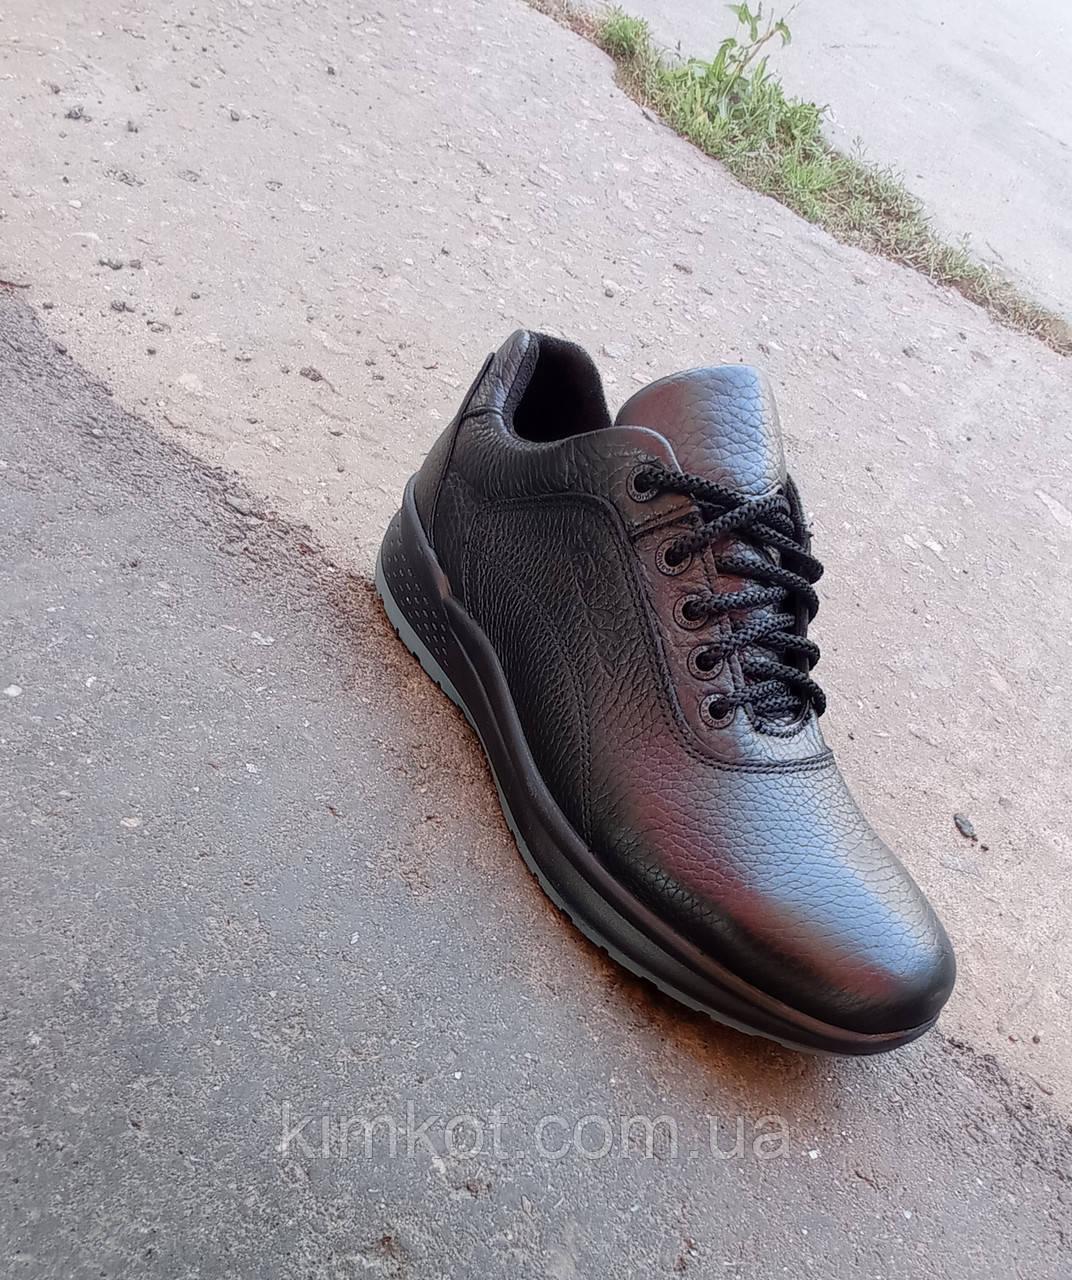 Кросівки чорні чоловічі шкіряні Ессо 40 -45 р-р